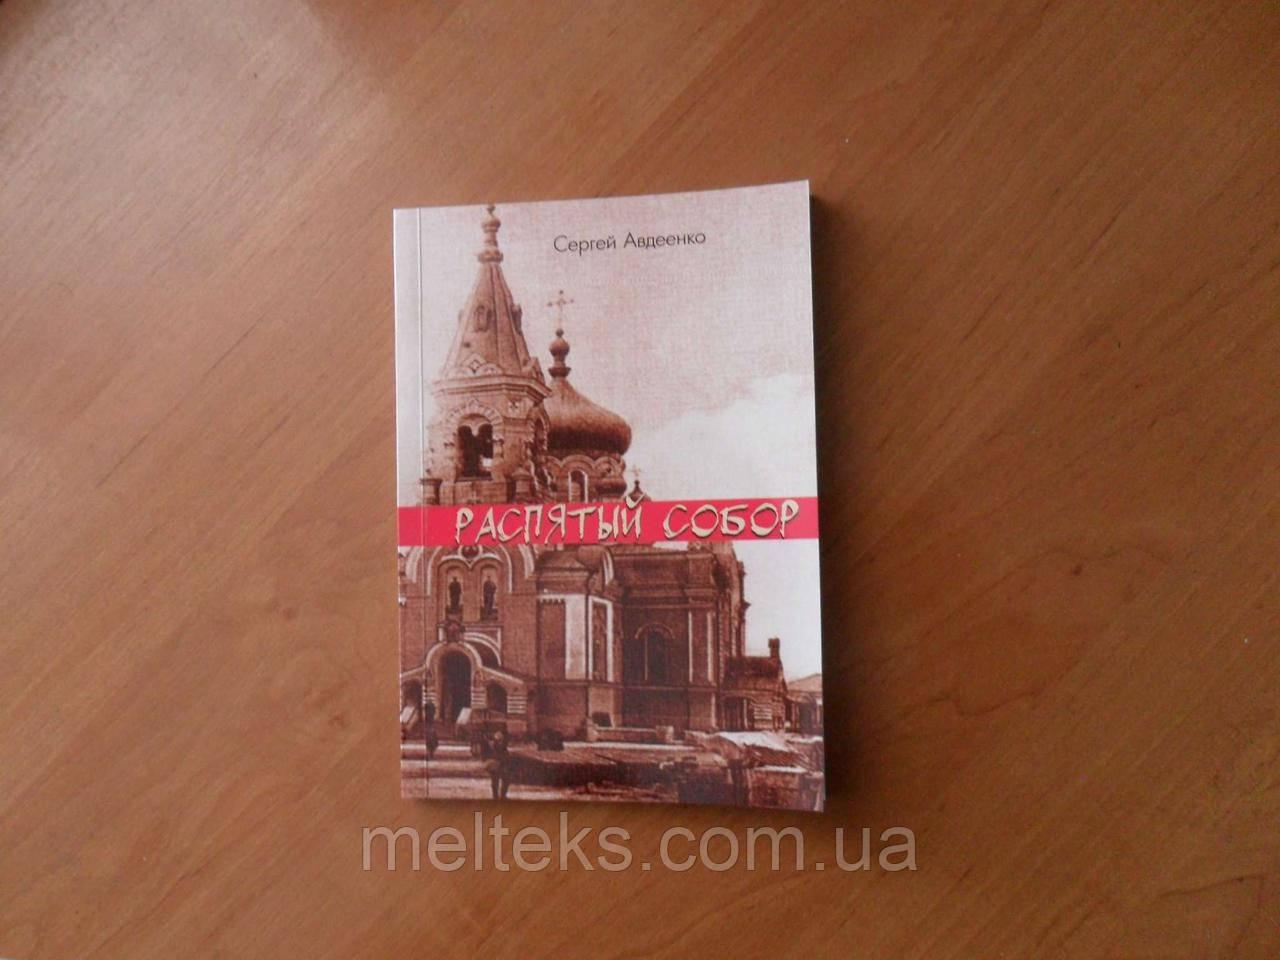 Распятый собор (книга Сергея Авдеенко)